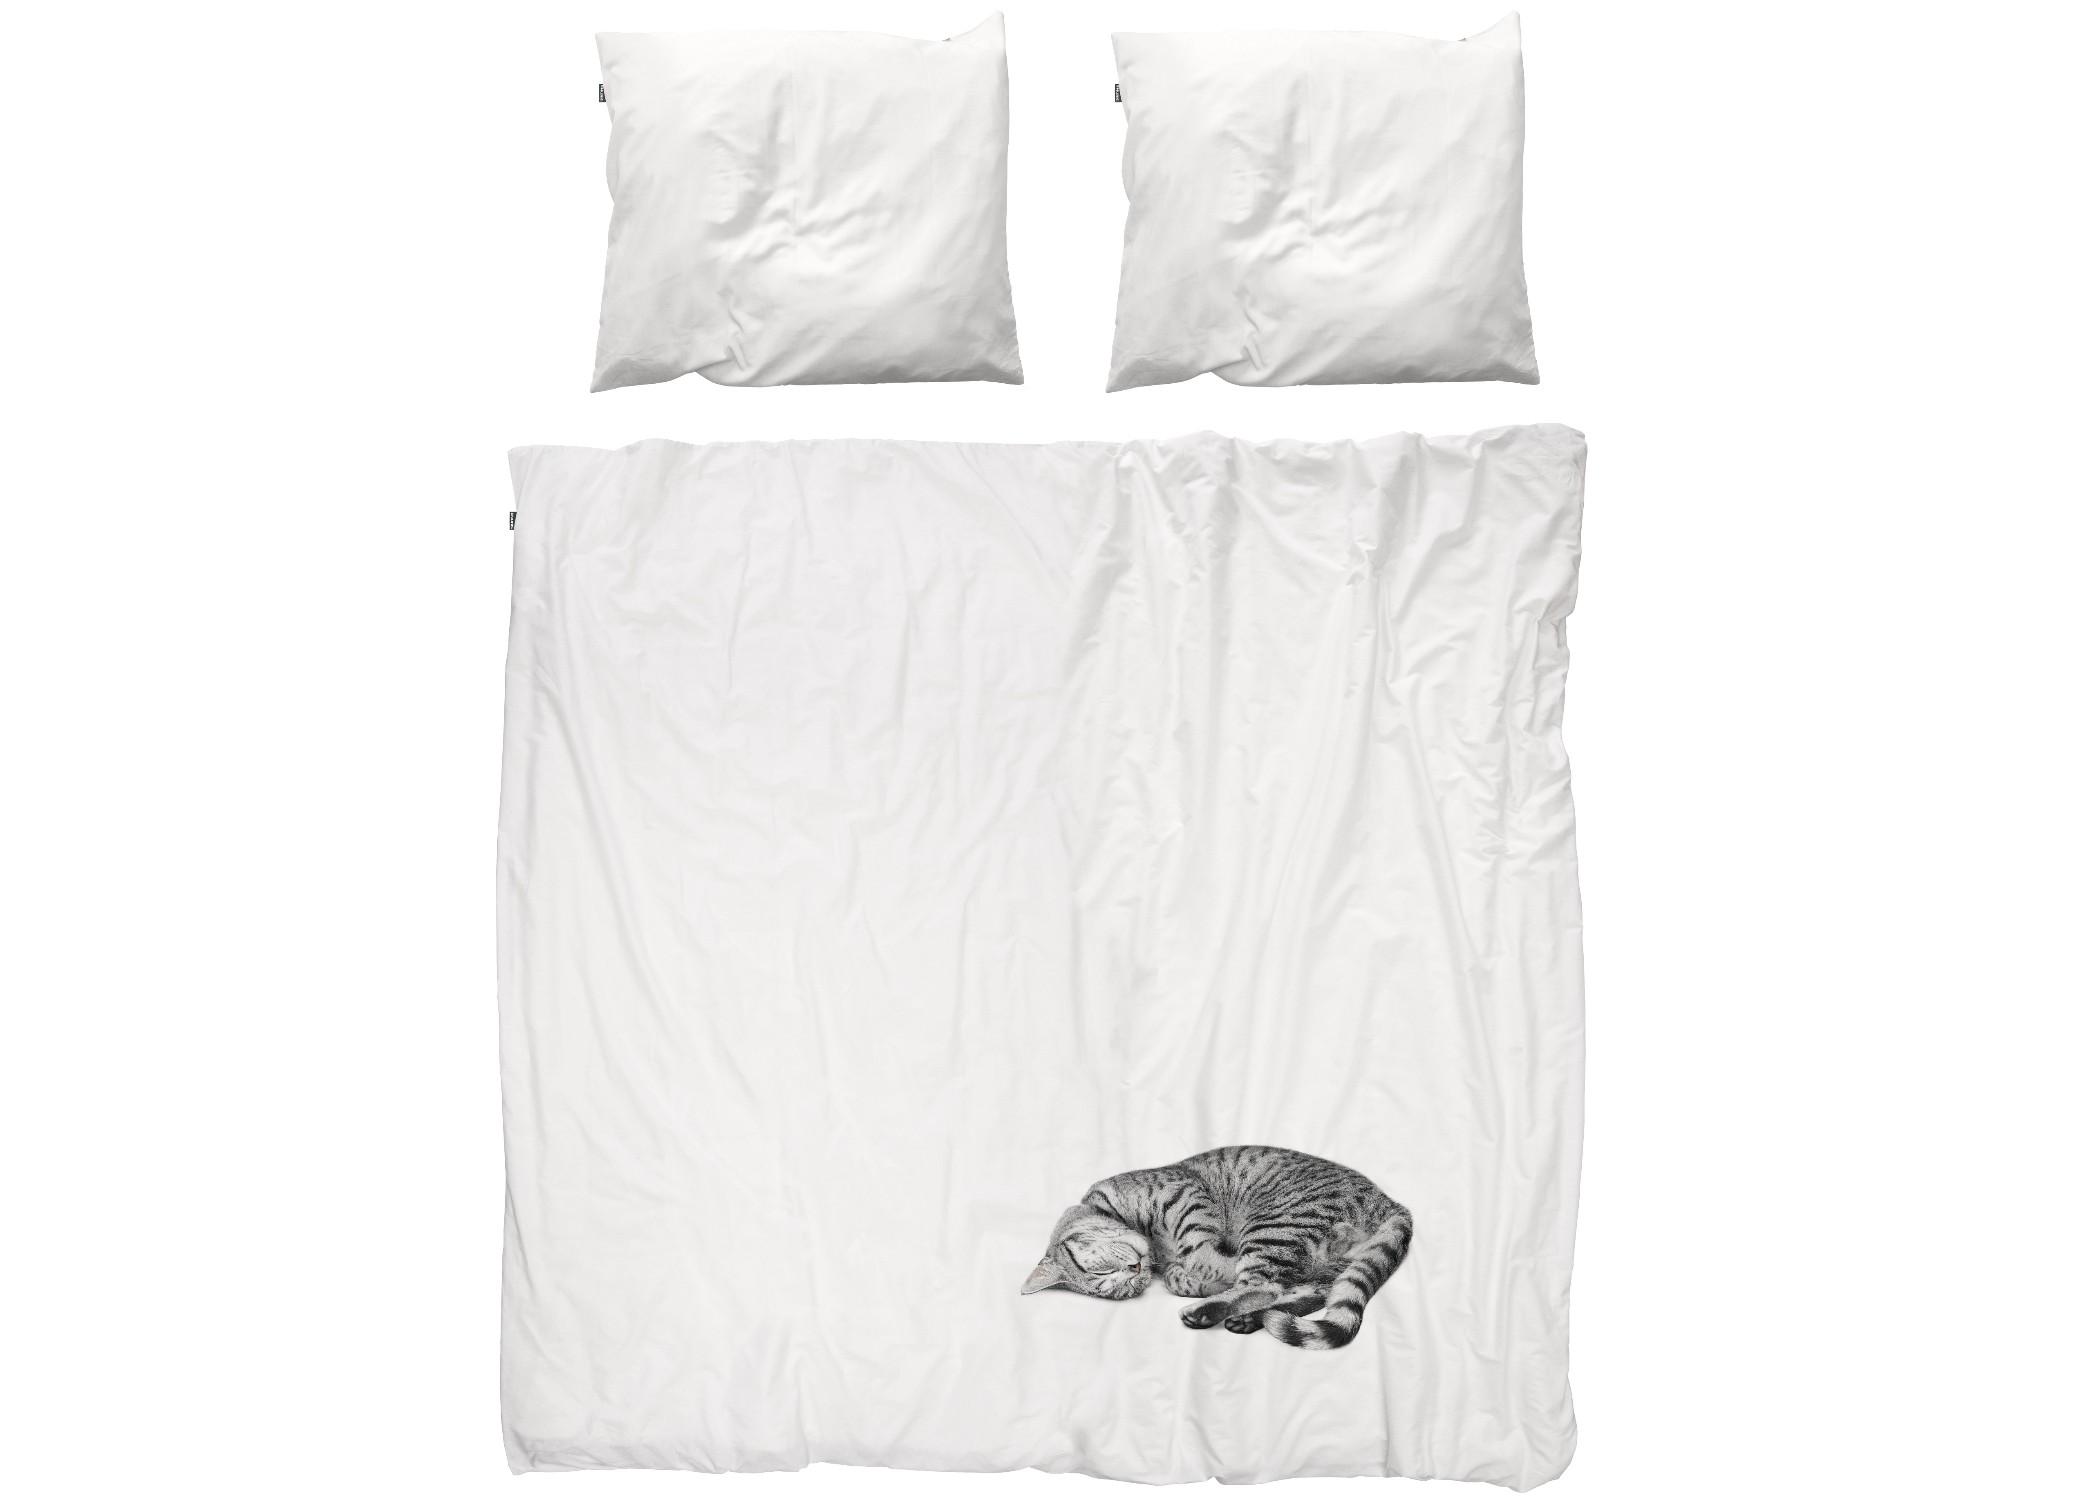 Комплект постельного белья Кошка ОллиДвуспальные комплекты постельного белья<br>Олли — игривый котенок, который любит детей. А еще Олли любит согревать вам местечко в постели. Но что делает Олли по-настоящему особенным, это то, что даже у людей, страдающих аллергией на кошек, нет с ним никаких проблем.&amp;amp;nbsp;&amp;lt;div&amp;gt;&amp;lt;br&amp;gt;&amp;lt;/div&amp;gt;&amp;lt;div&amp;gt;Материал: 100% хлопок ПЕРКАЛЬ (плотность ткани 214г/м2).&amp;amp;nbsp;&amp;lt;div&amp;gt;&amp;lt;span style=&amp;quot;line-height: 1.78571;&amp;quot;&amp;gt;В комплект входит: пододеяльник 200х220см - 1 шт, наволочка 50х70см - 2 шт.&amp;lt;/span&amp;gt;&amp;lt;br&amp;gt;&amp;lt;/div&amp;gt;&amp;lt;/div&amp;gt;<br><br>Material: Хлопок<br>Length см: 220<br>Width см: 200